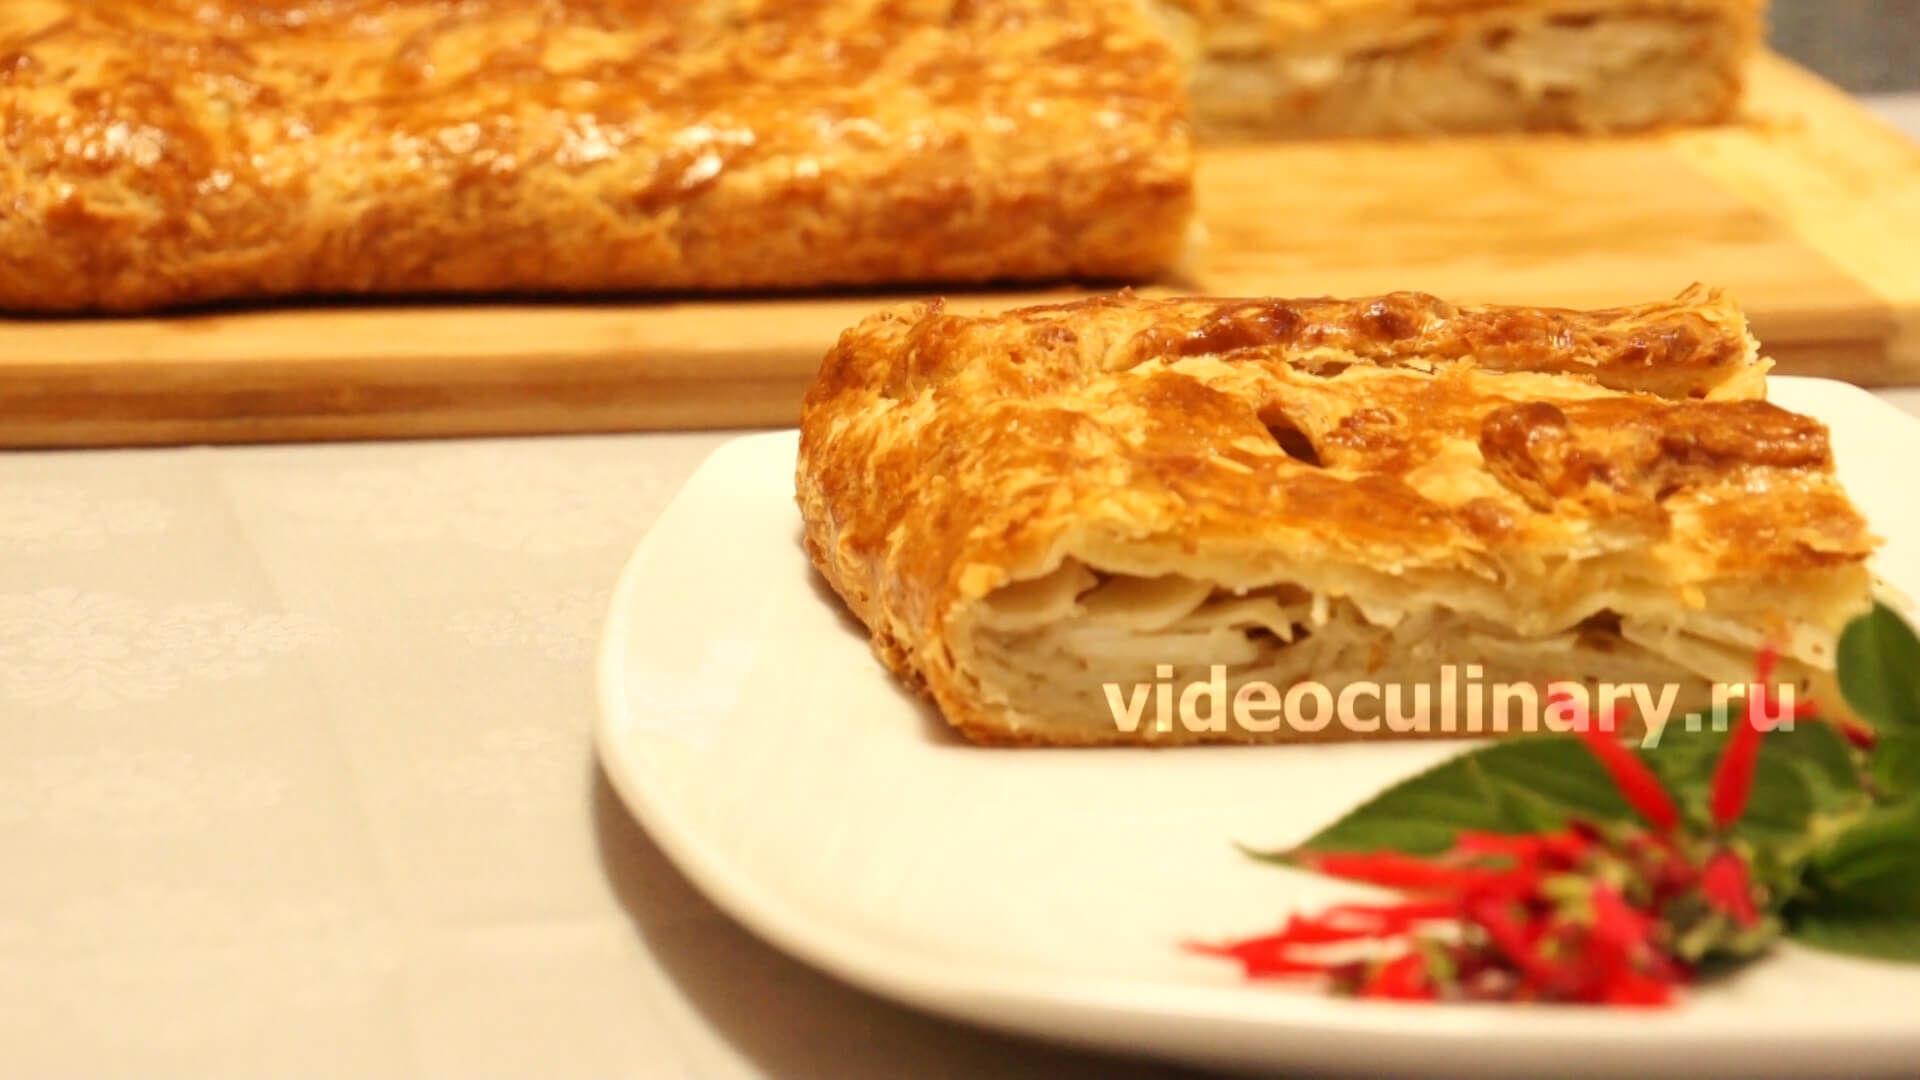 слоеное тесто рецепт приготовления от бабушки эммы рецепт видео